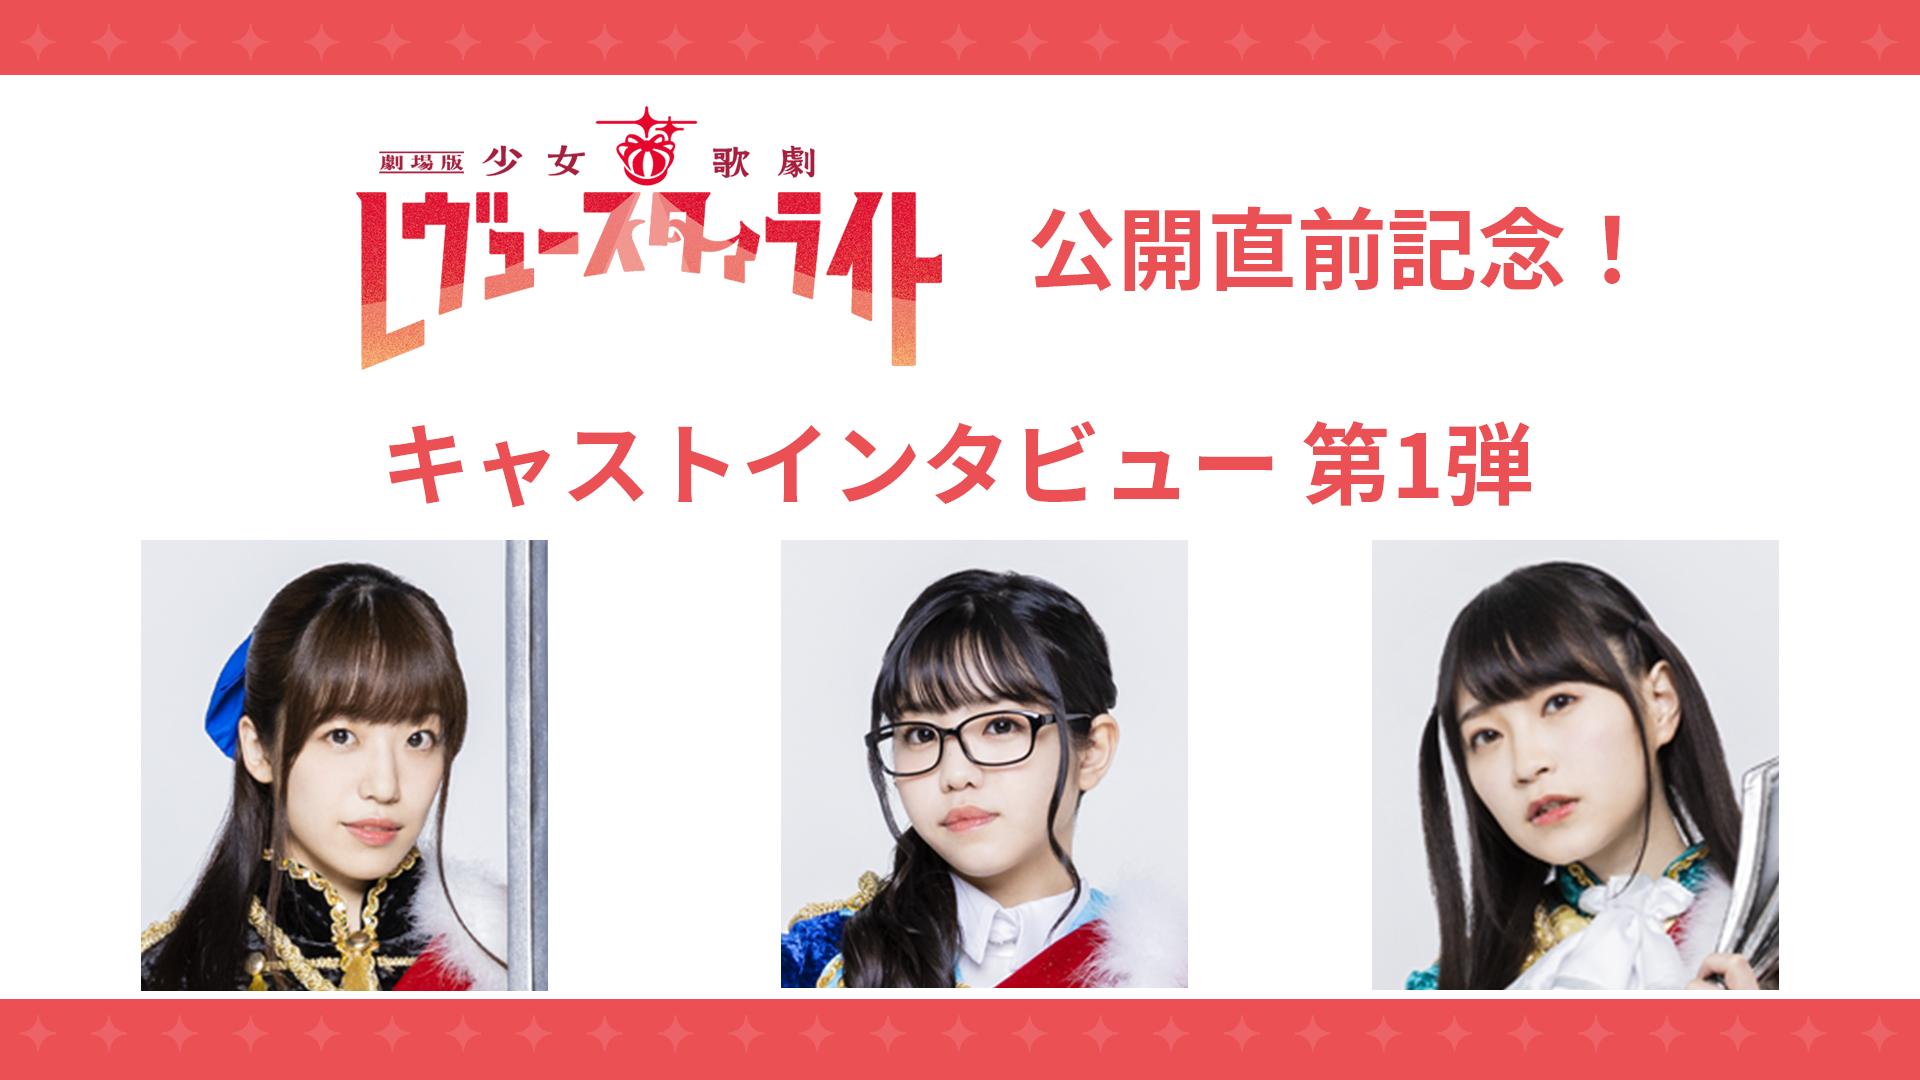 『劇場版 少女☆歌劇 レヴュースタァライト』インタビュー 第1弾